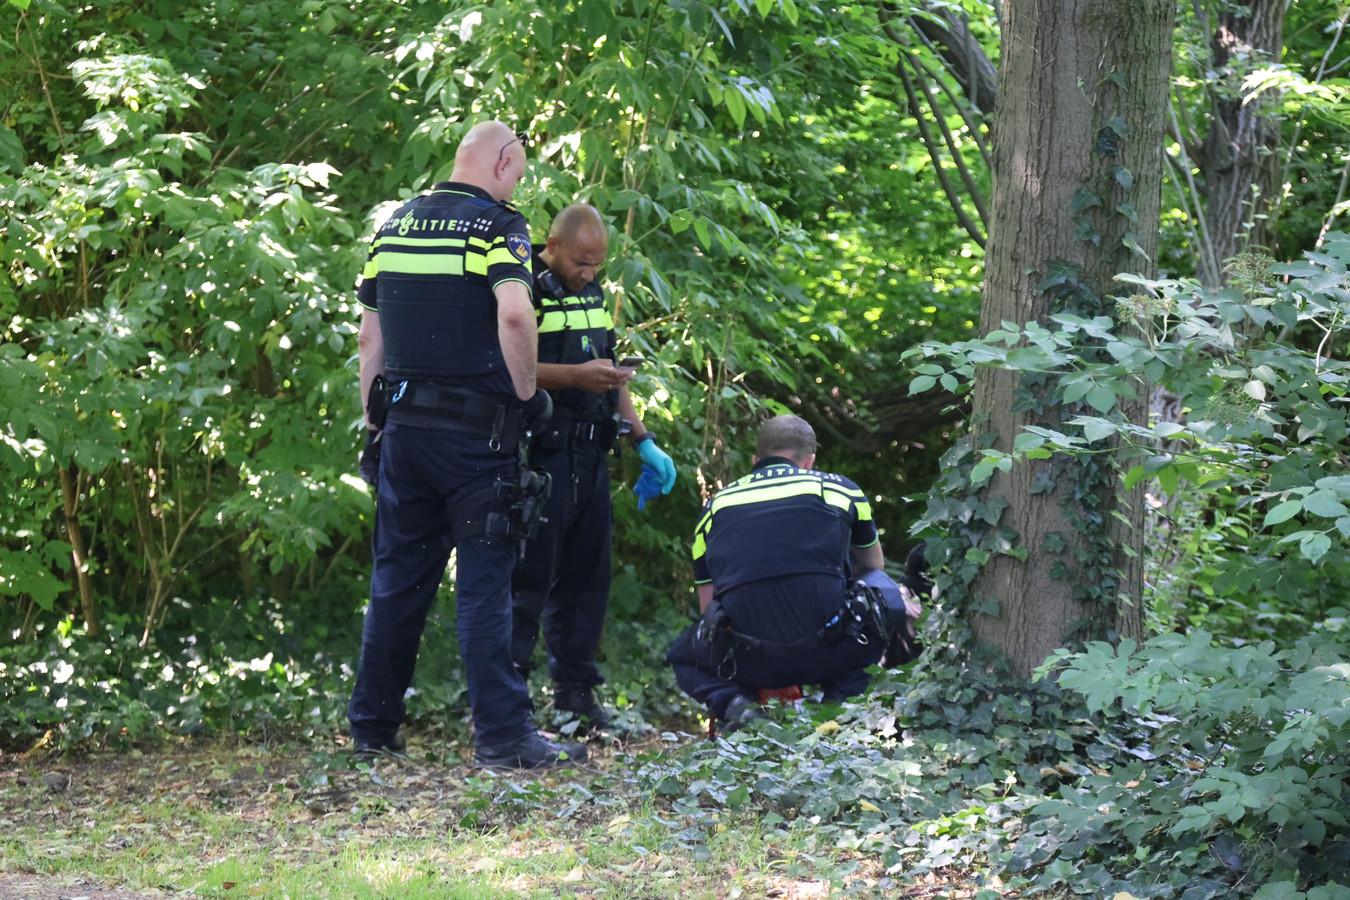 De politie ontfermt zich over de zwaar beschonken man.